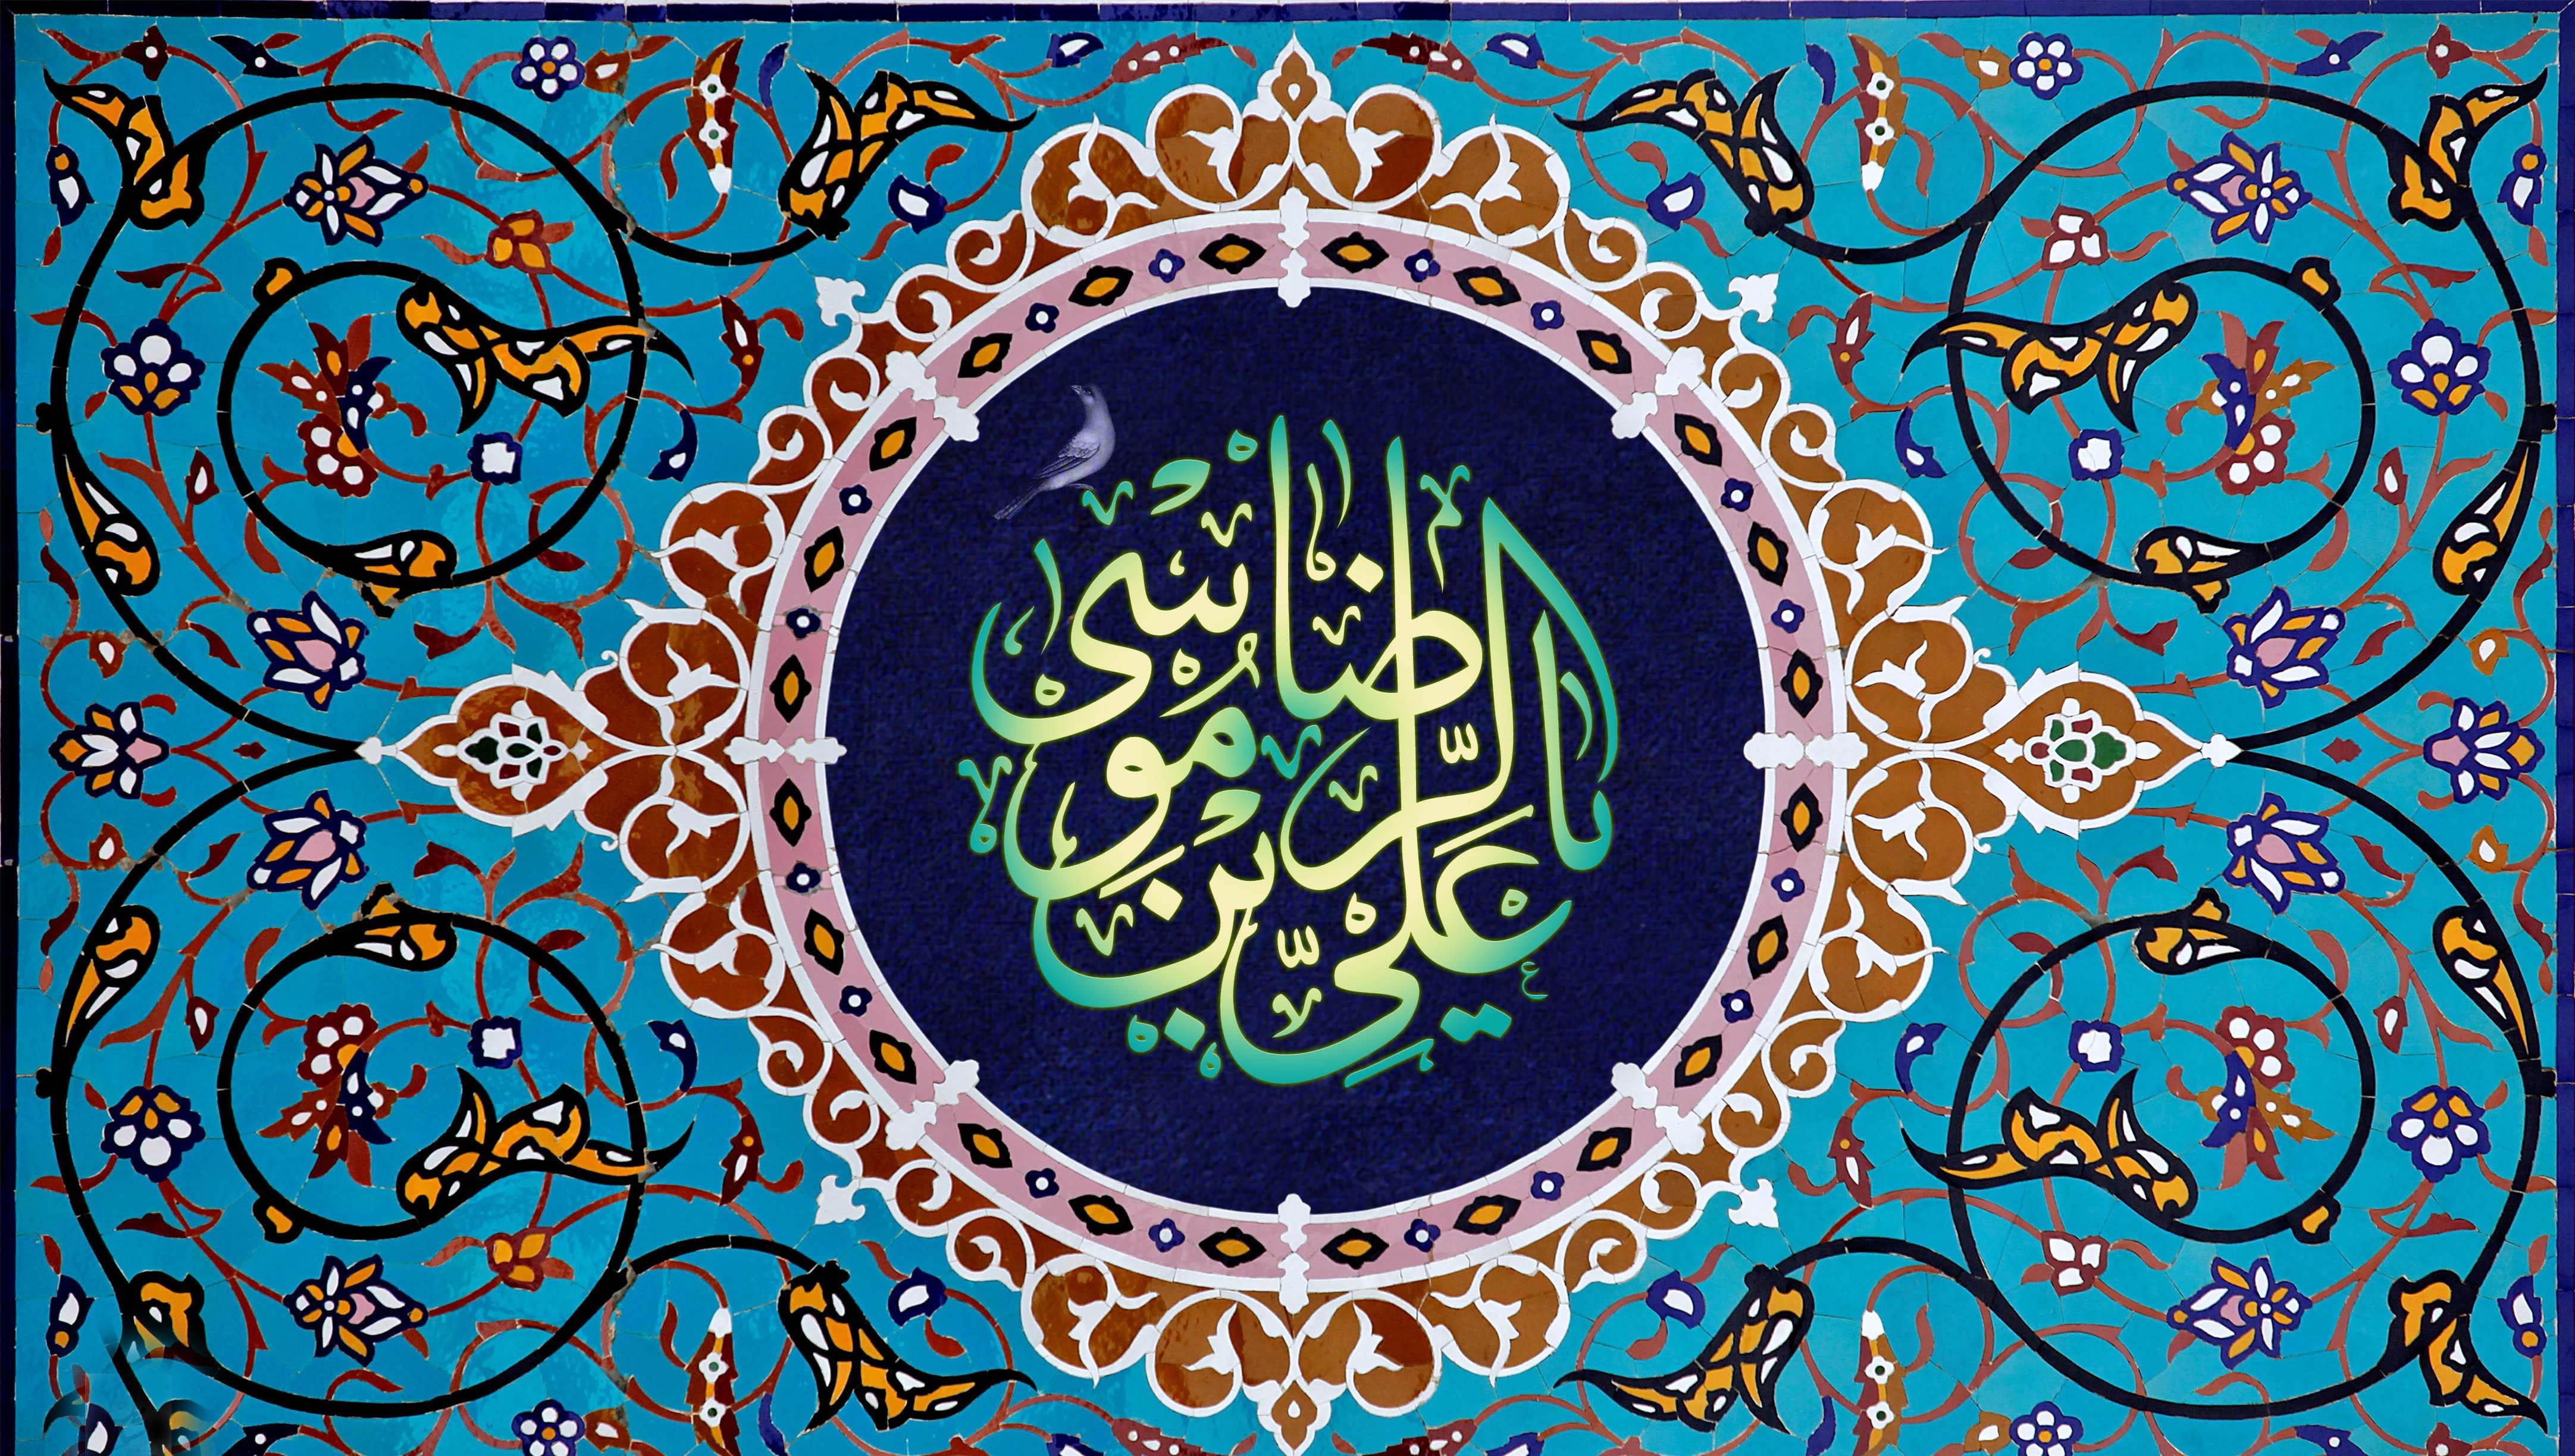 شرح مختصری از زندگینامه امام رضا (ع) / برکات حضور هشتمین امام معصوم (ع) در ایران